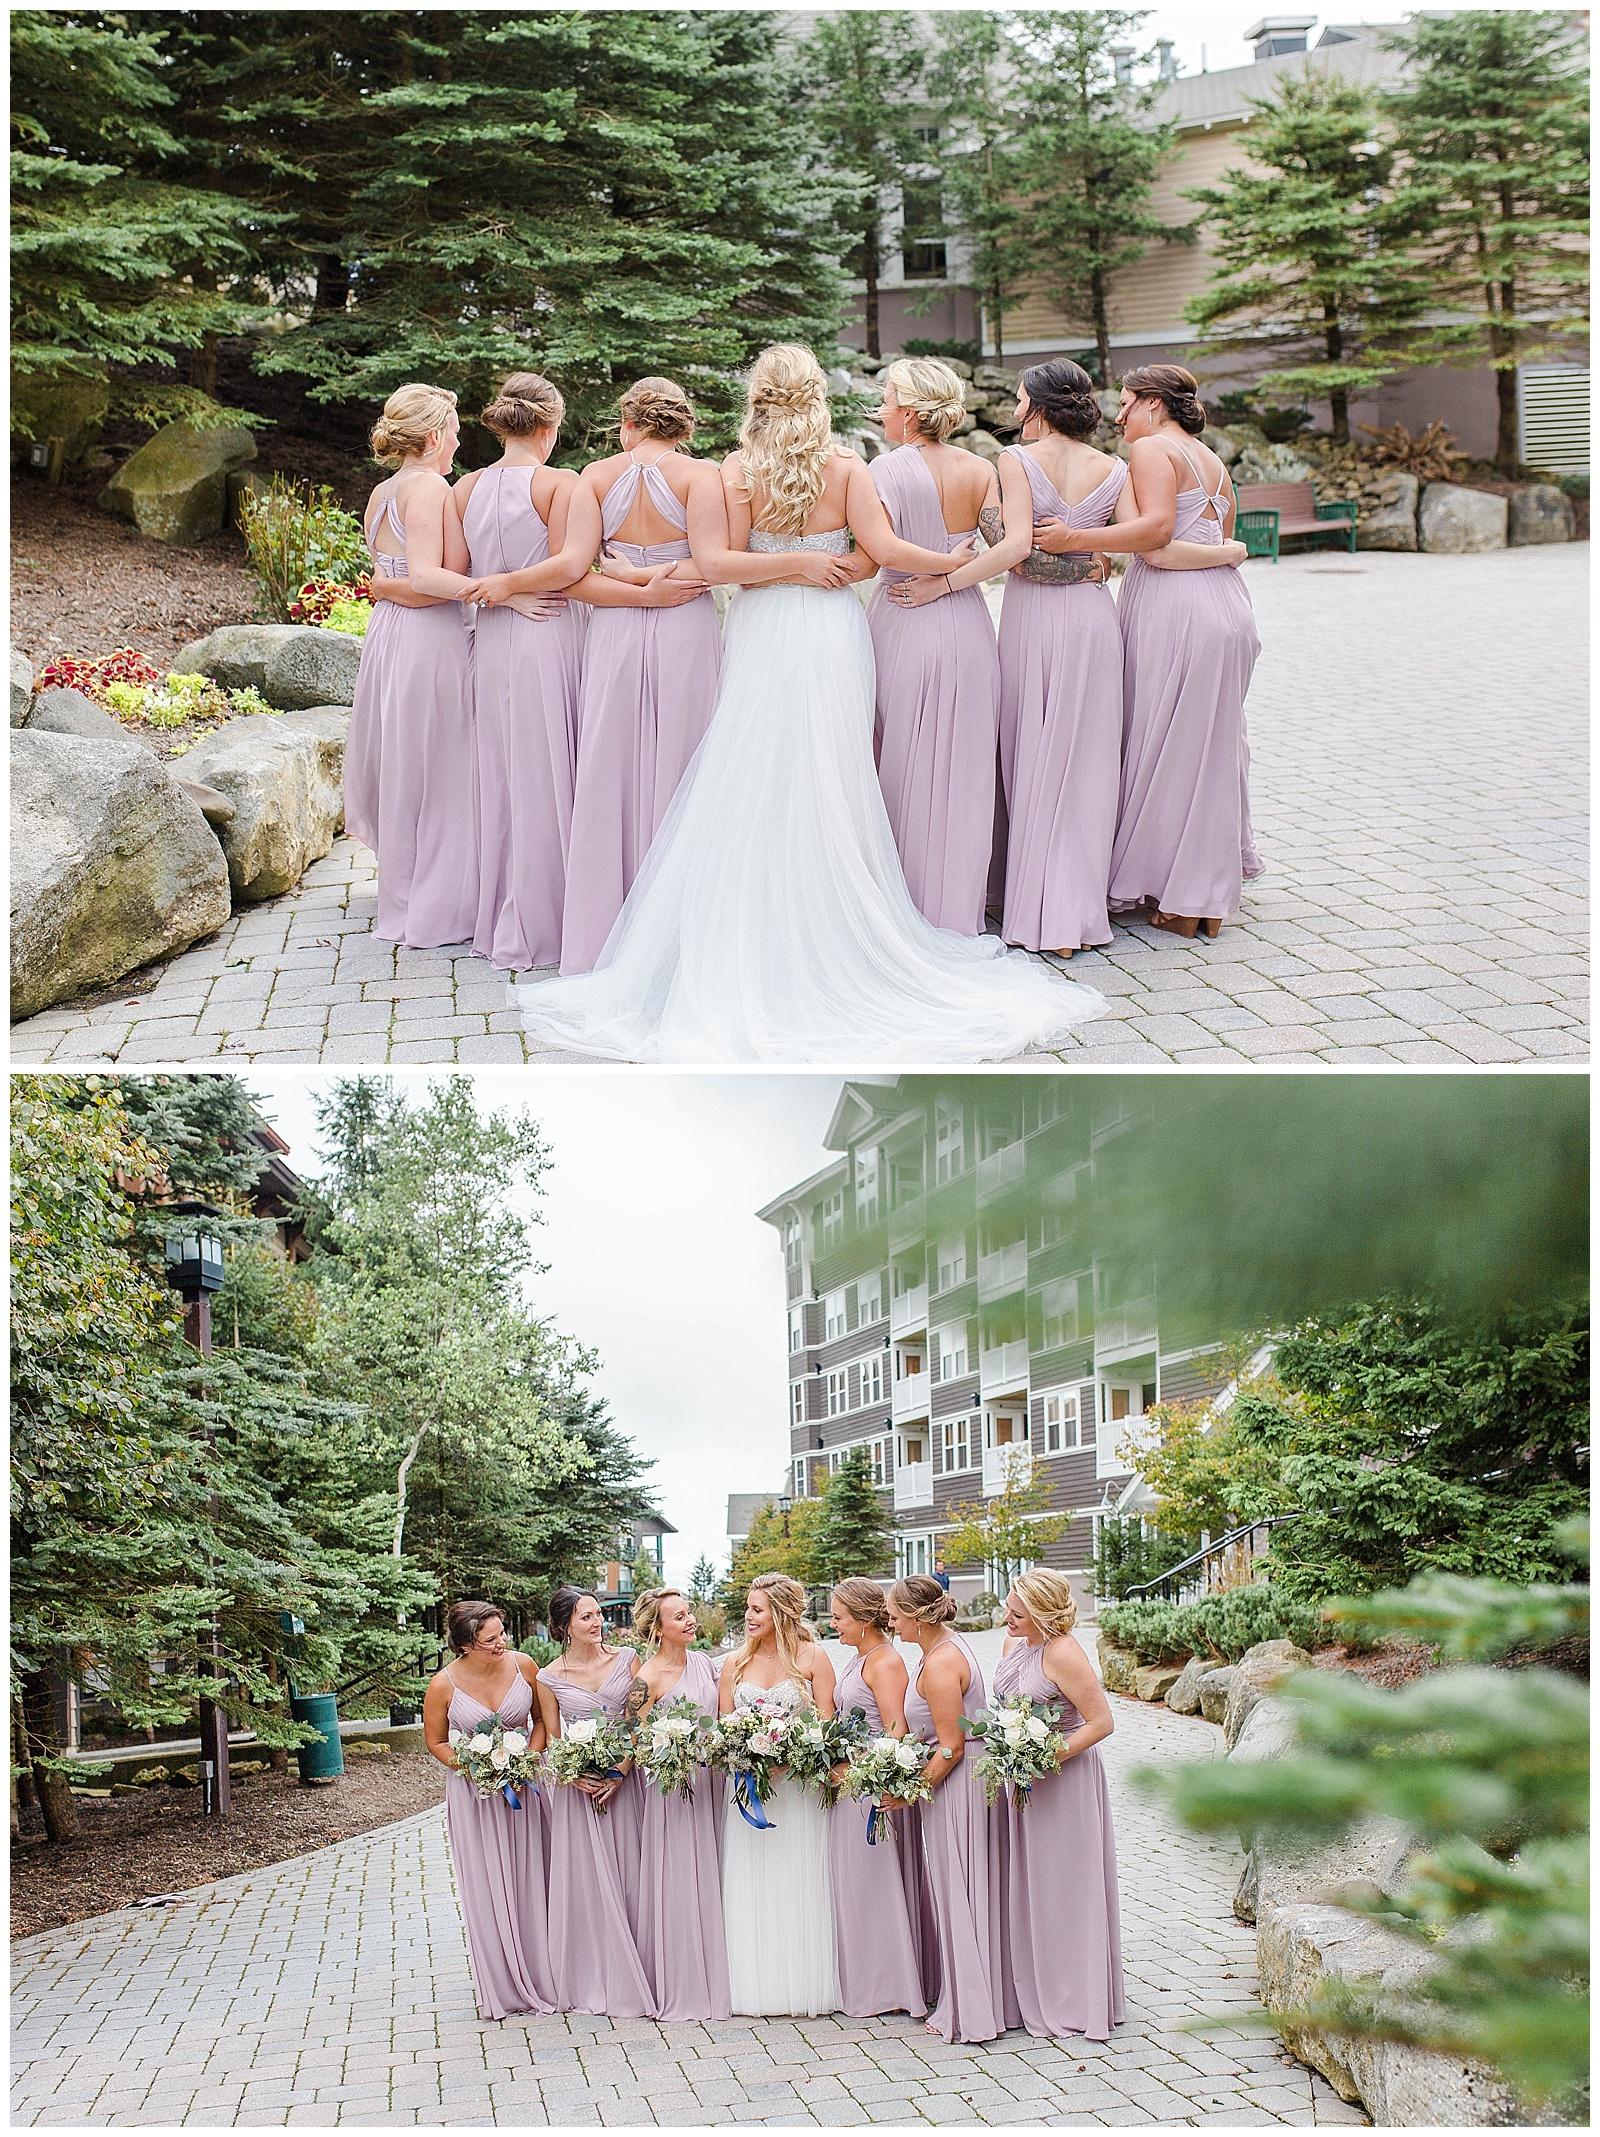 Saiko_Kara_Blakeman_Photography_Snowshoe_Wedding_Wv_2018_10